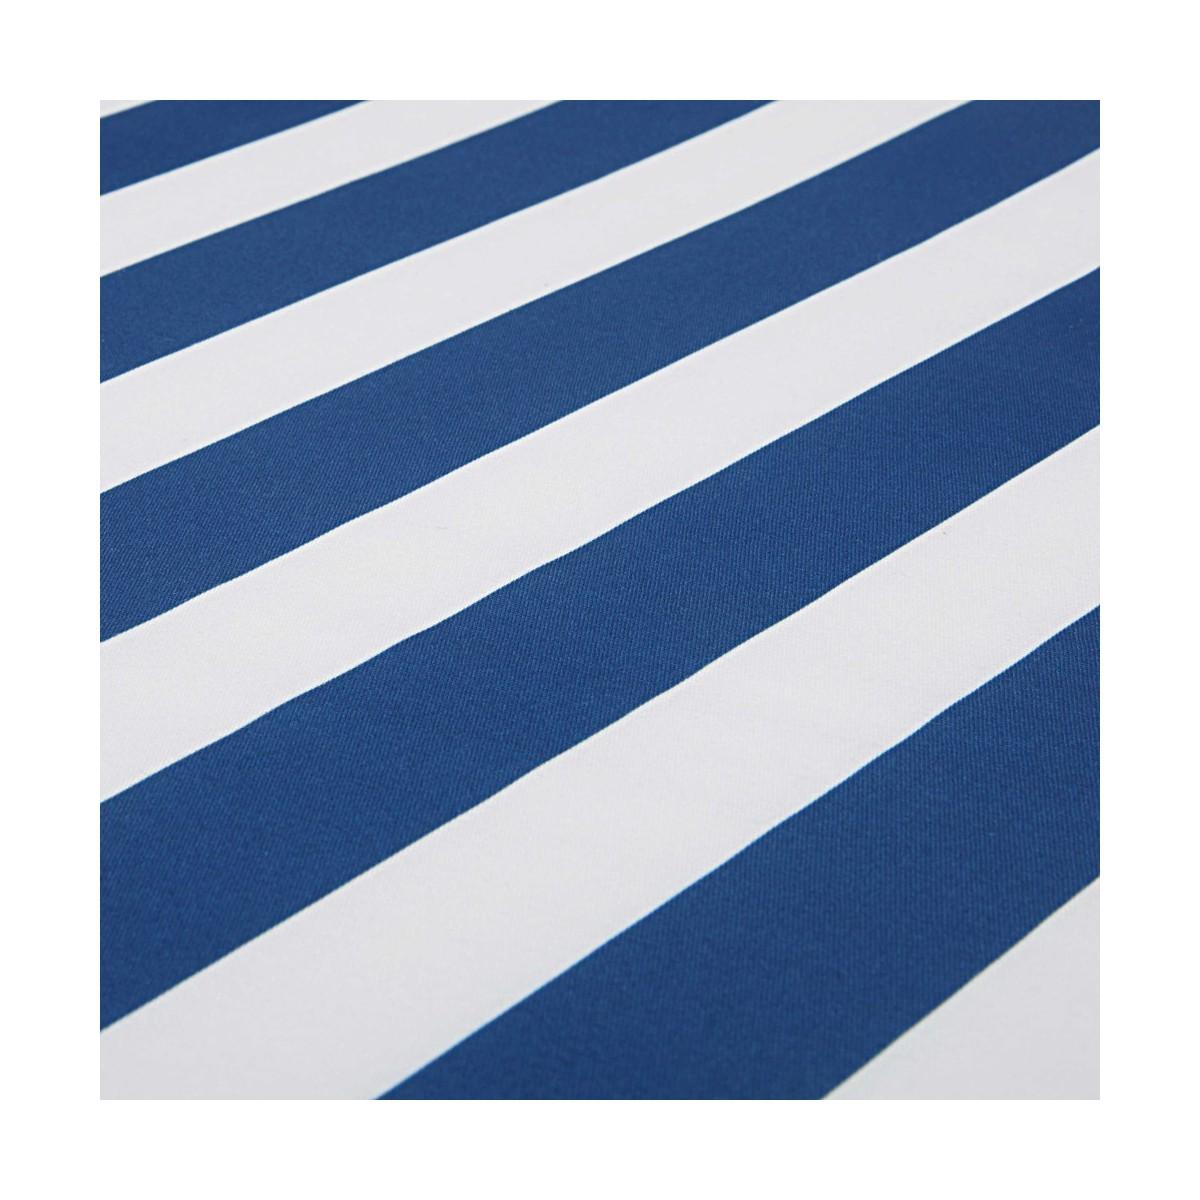 matelas de transat ray bleu et blanc 58x196cm escale. Black Bedroom Furniture Sets. Home Design Ideas